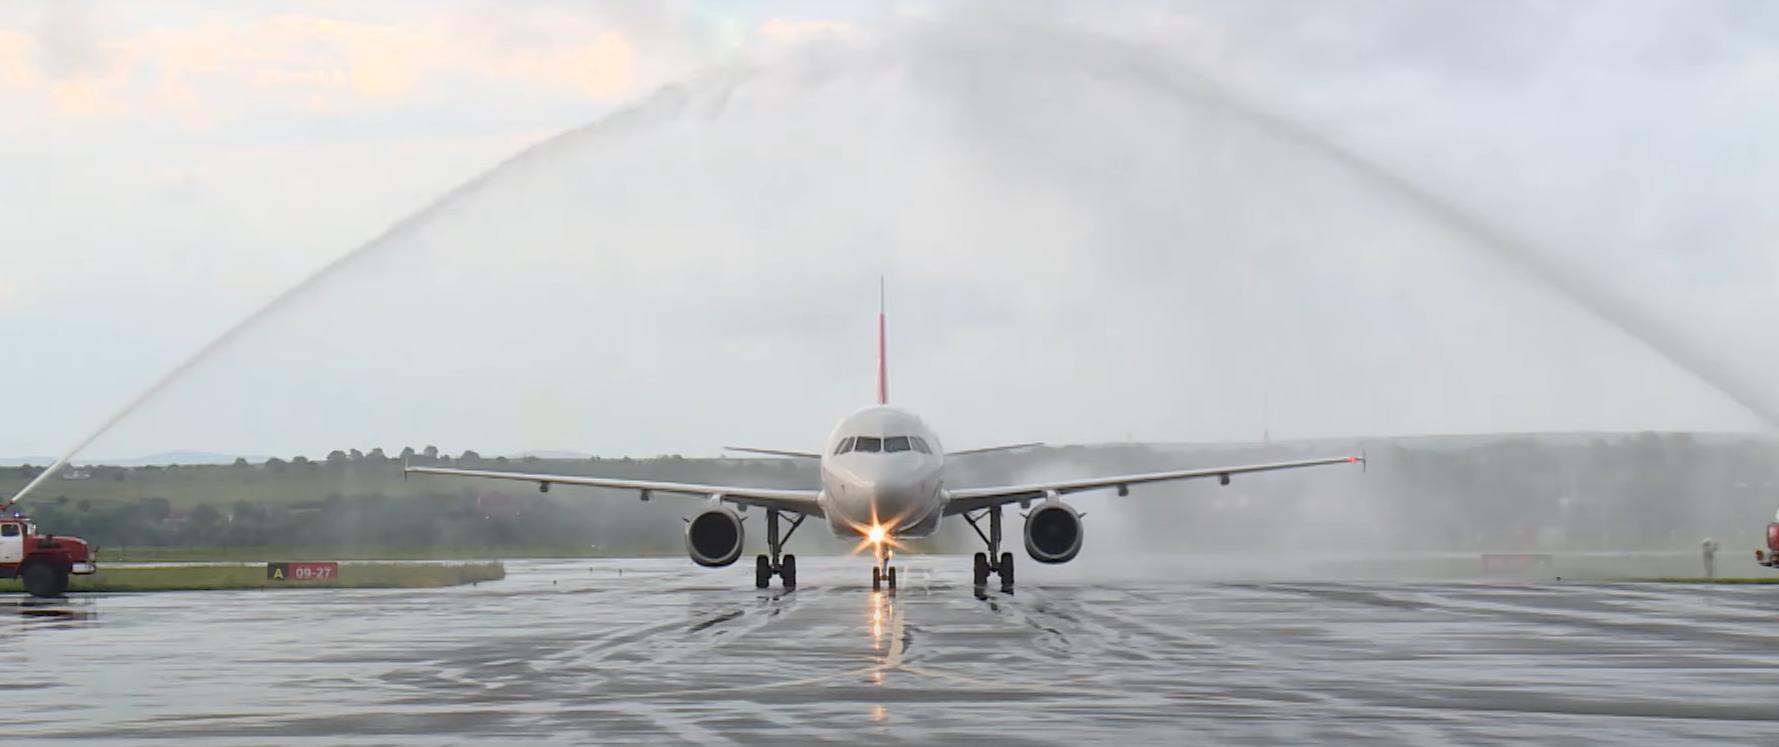 В Международном аэропорту Владикавказ запущены прямые рейсы в Каир, Ереван и Симферополь